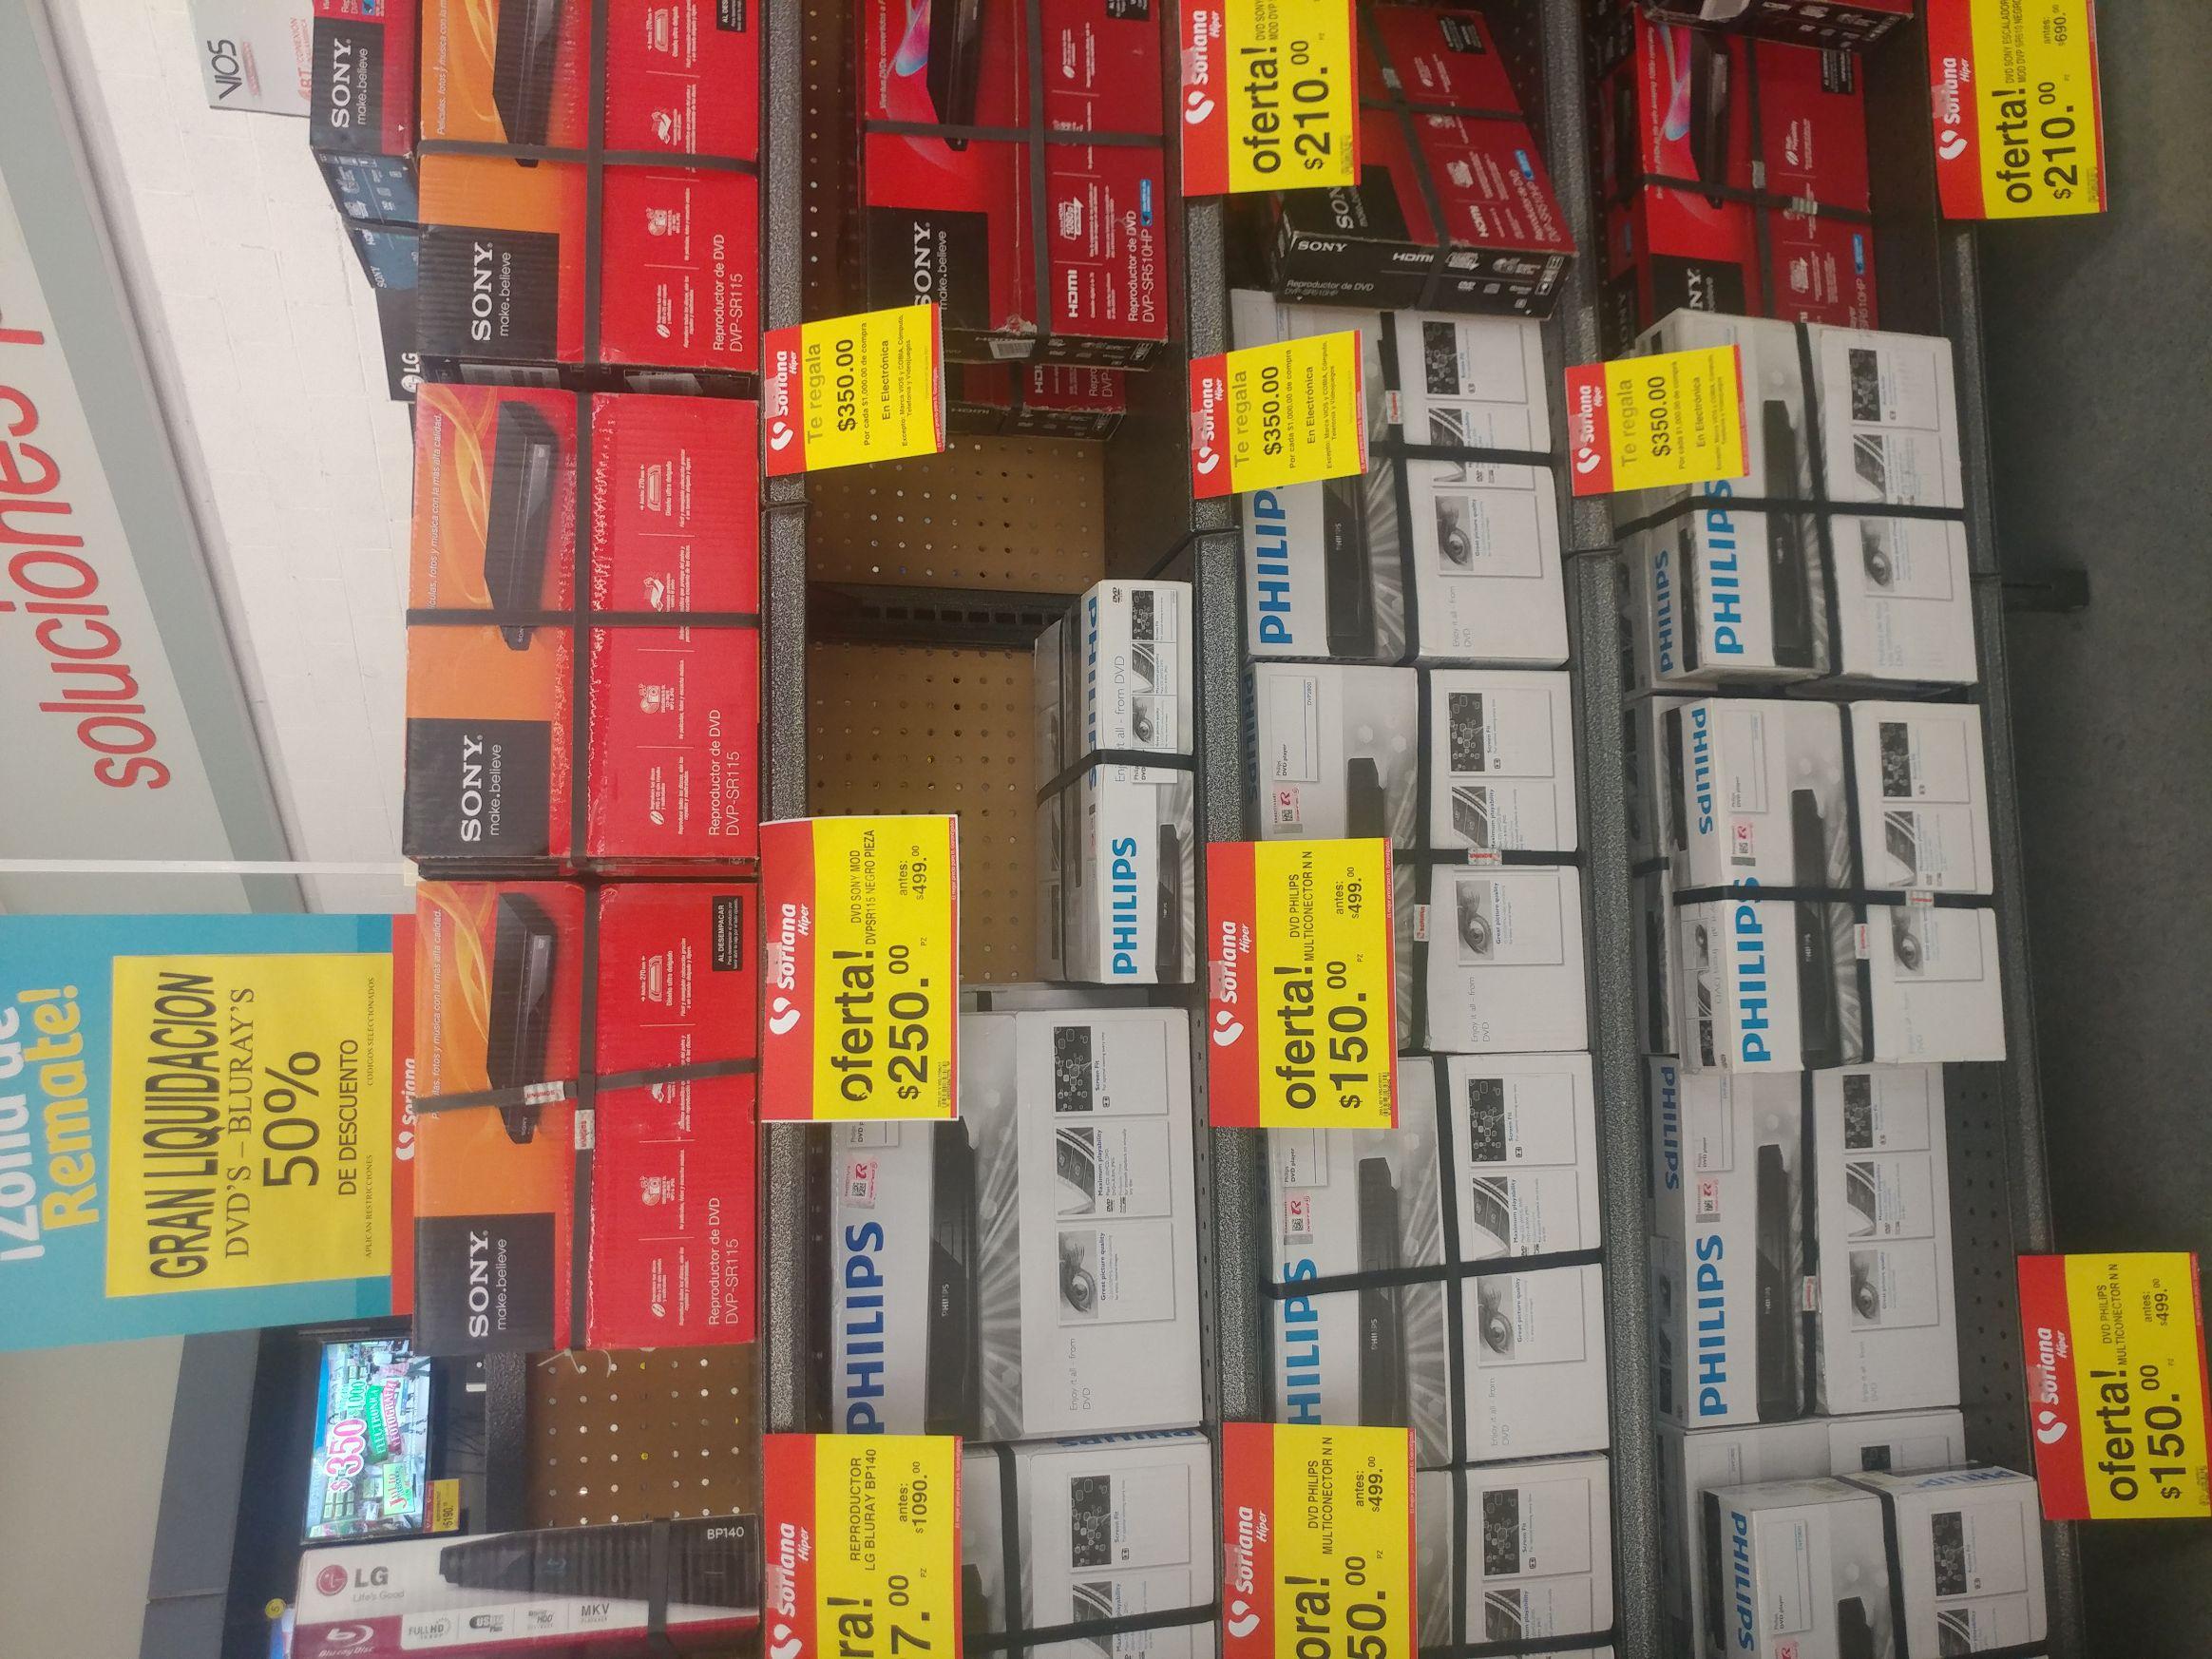 Soriana: Liquidaciónes DVD y Blu-ray (ej. Dvd Philips a $150)